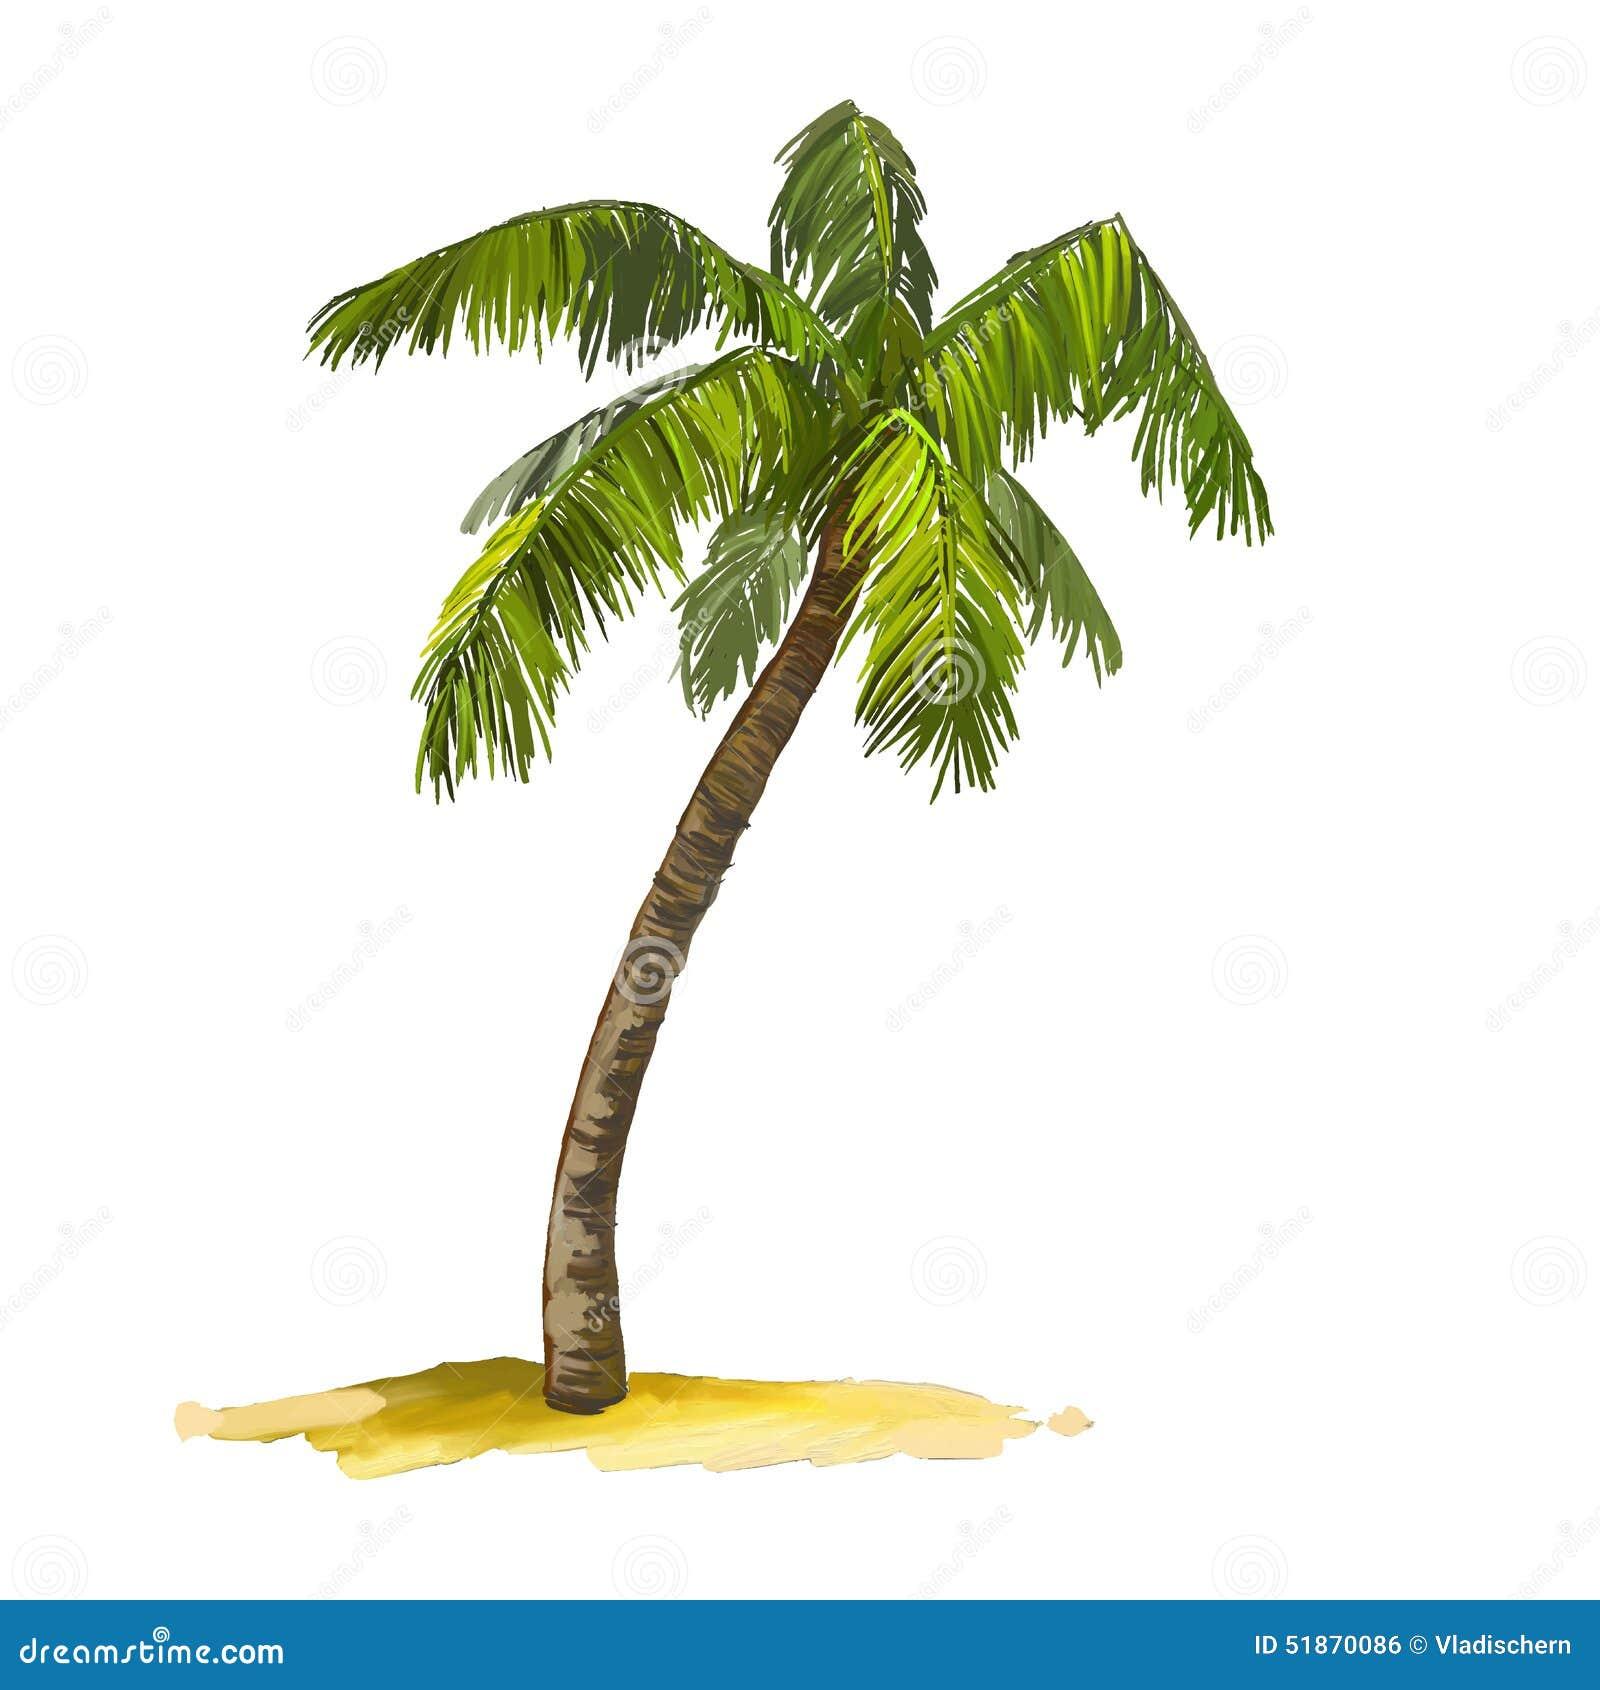 coconut tree watercolor